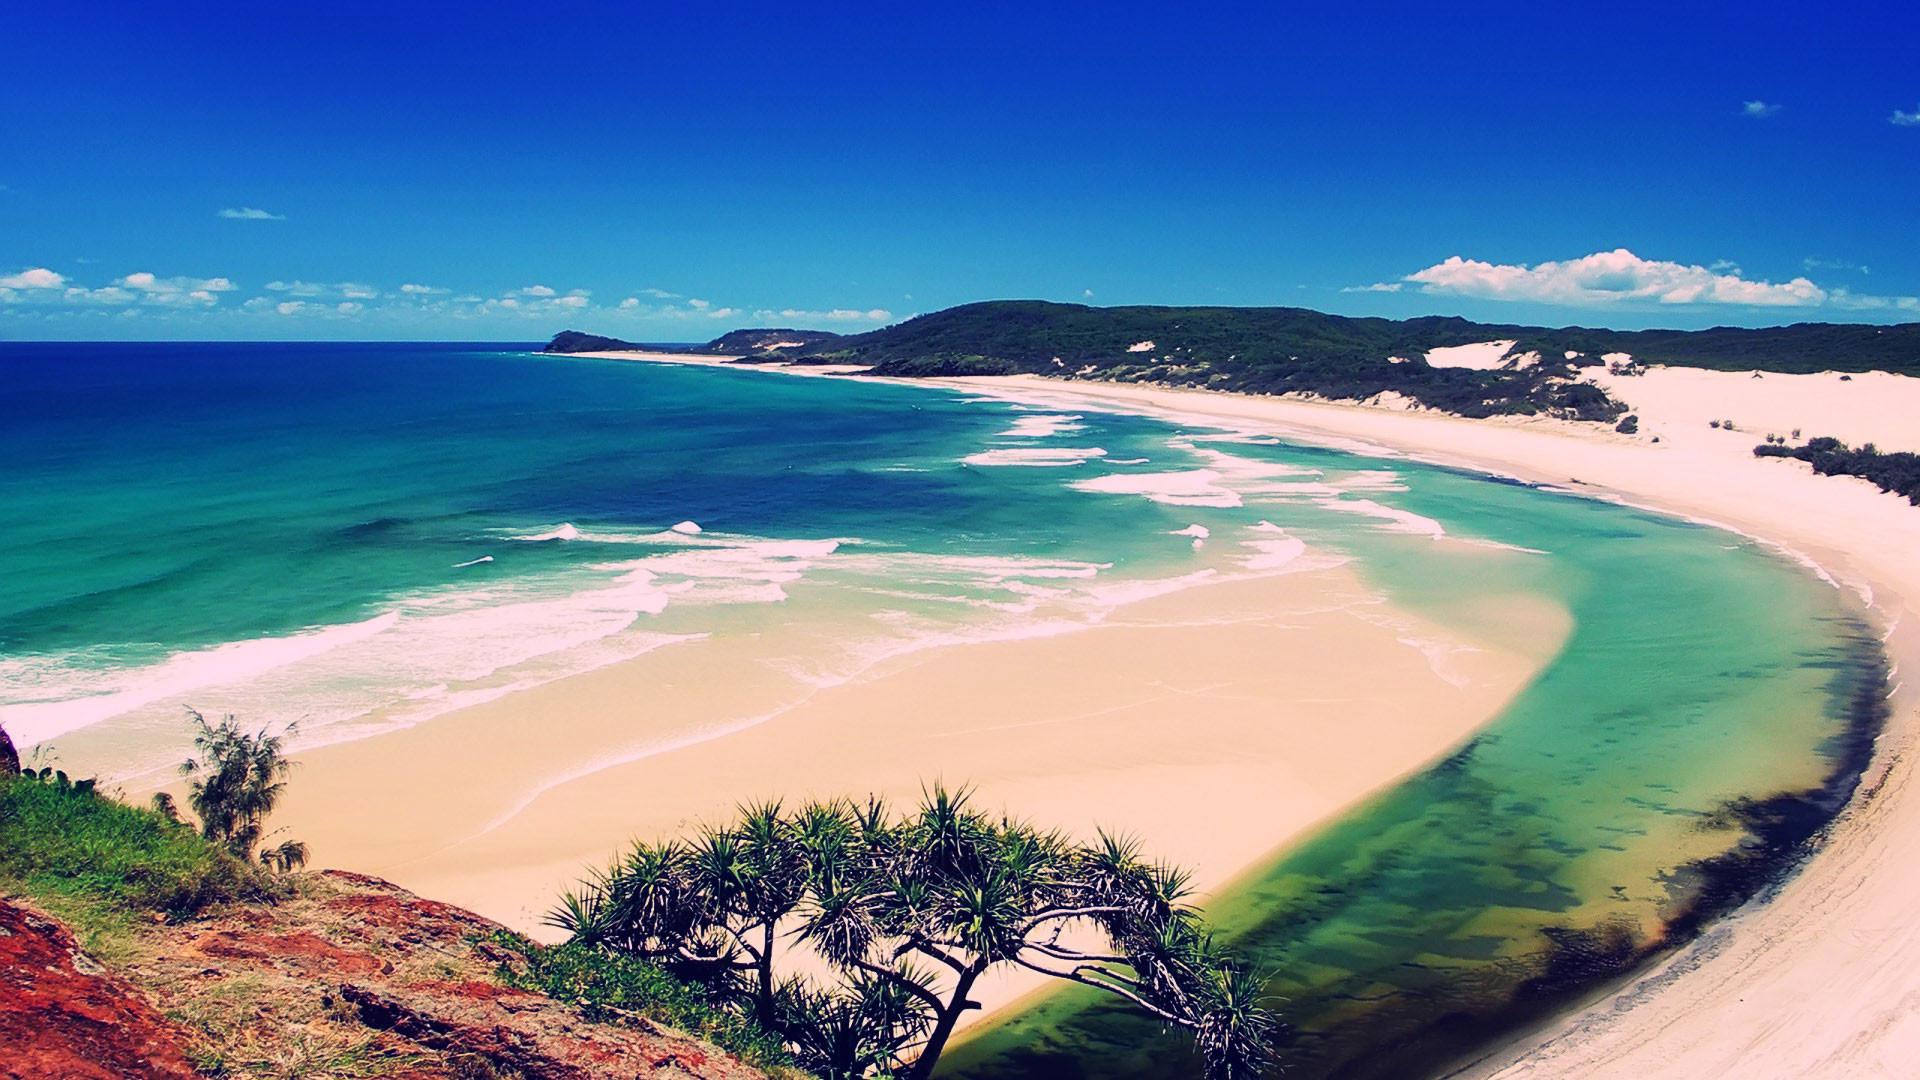 hd pics photos travel summer holidays beach best world tour desktop  background wallpaper